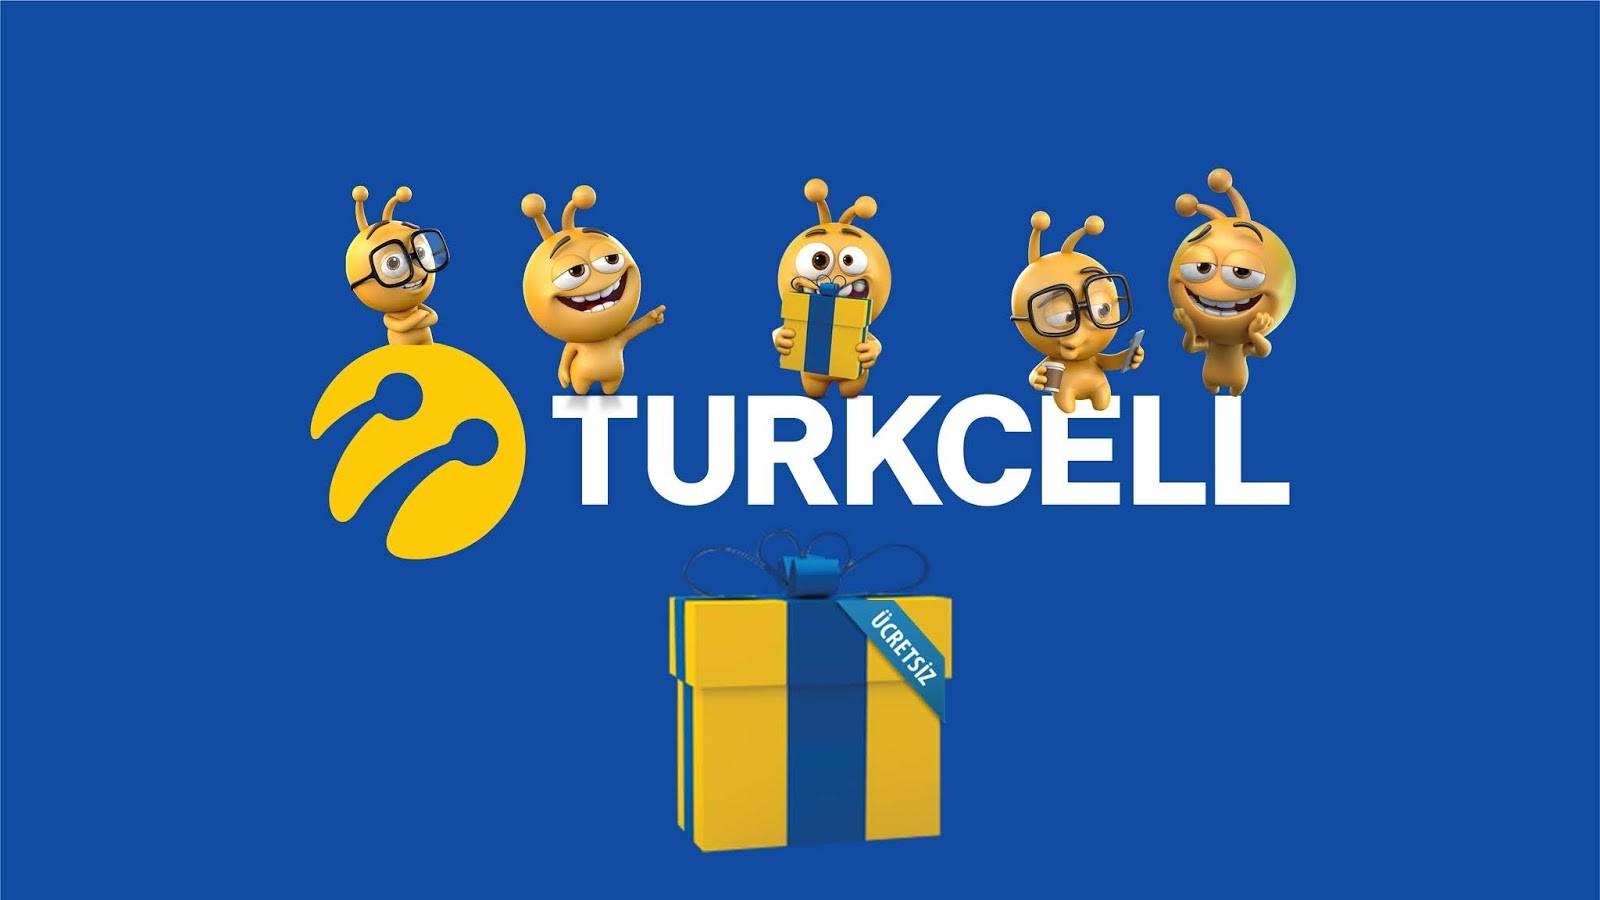 Photo of Turkcell Otomatik Ödeme 2 GB İnternet Kampanyası